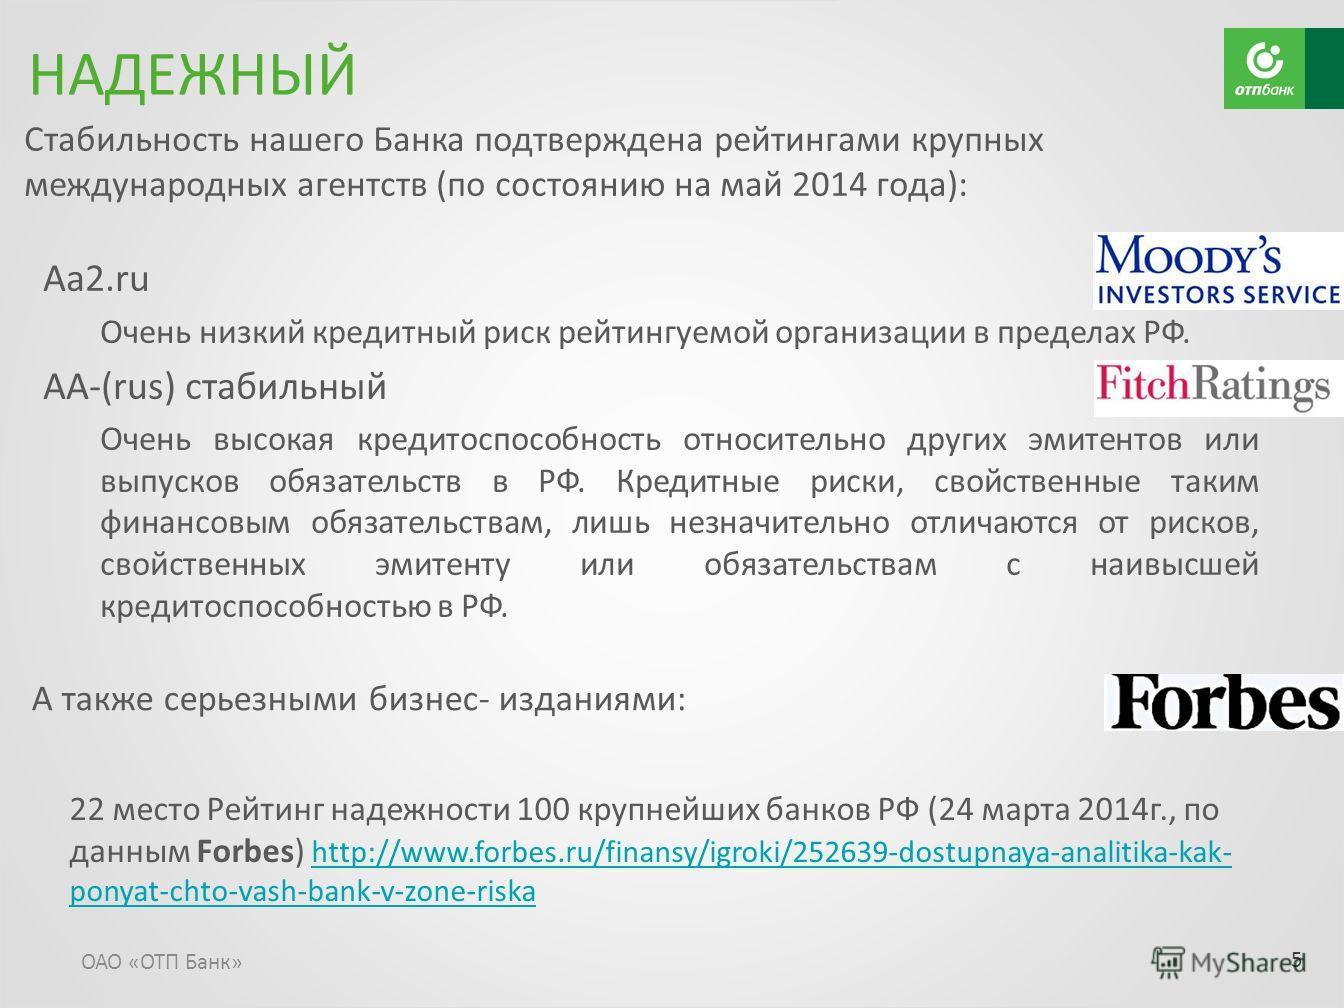 Aa2. ru Очень низкий кредитный риск рейтингуемой организации в пределах РФ. AA-(rus) стабильный Очень высокая кредитоспособность относительно других эмитентов или выпусков обязательств в РФ. Кредитные риски, свойственные таким финансовым обязательств